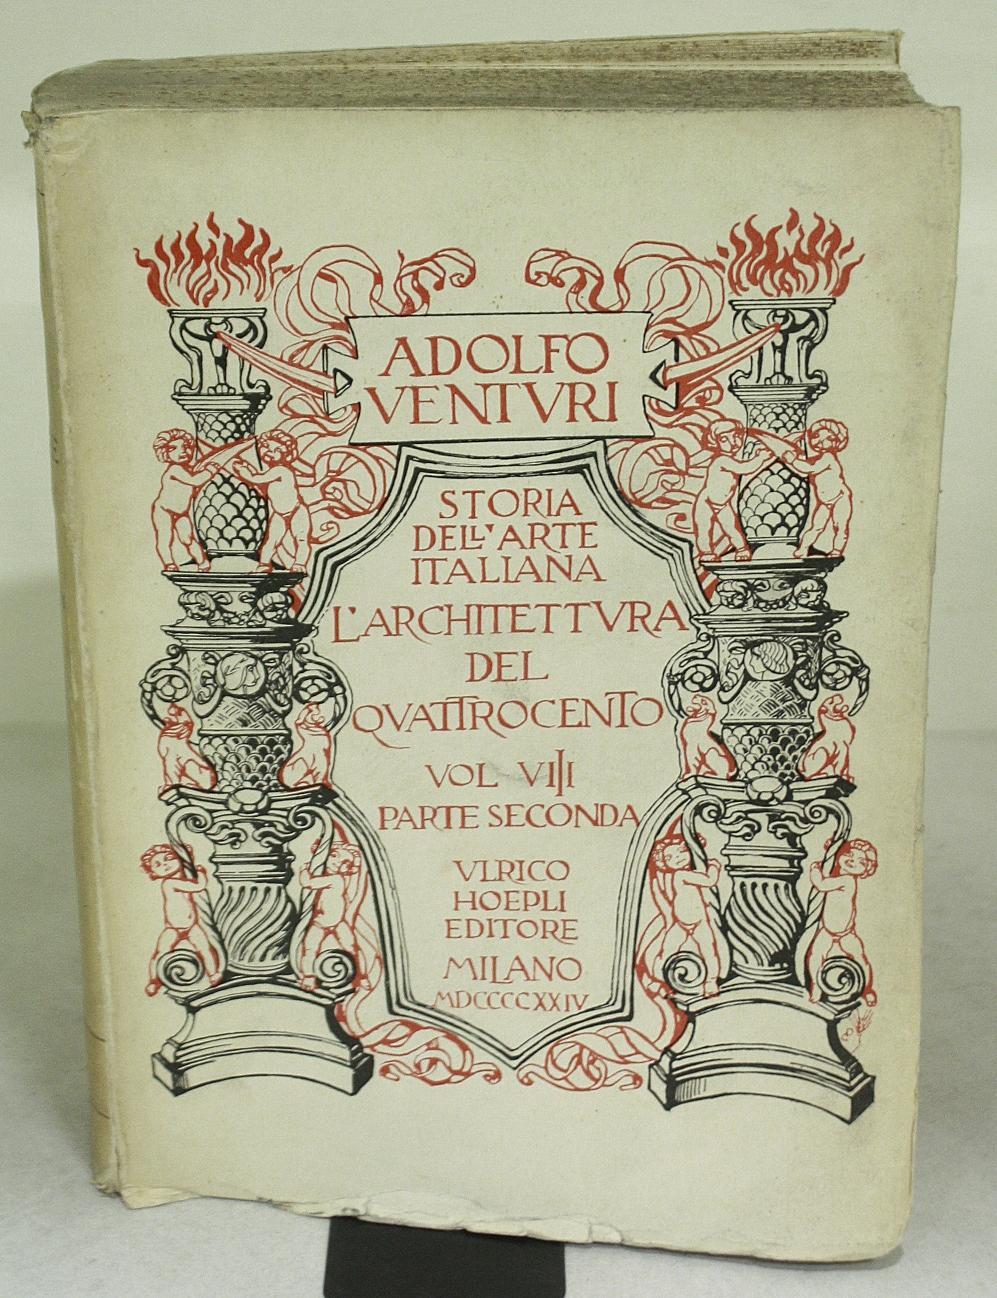 Storia dell'Arte Italiana: L'Architettura del Quattrocento Vol VIII Parte Seconda